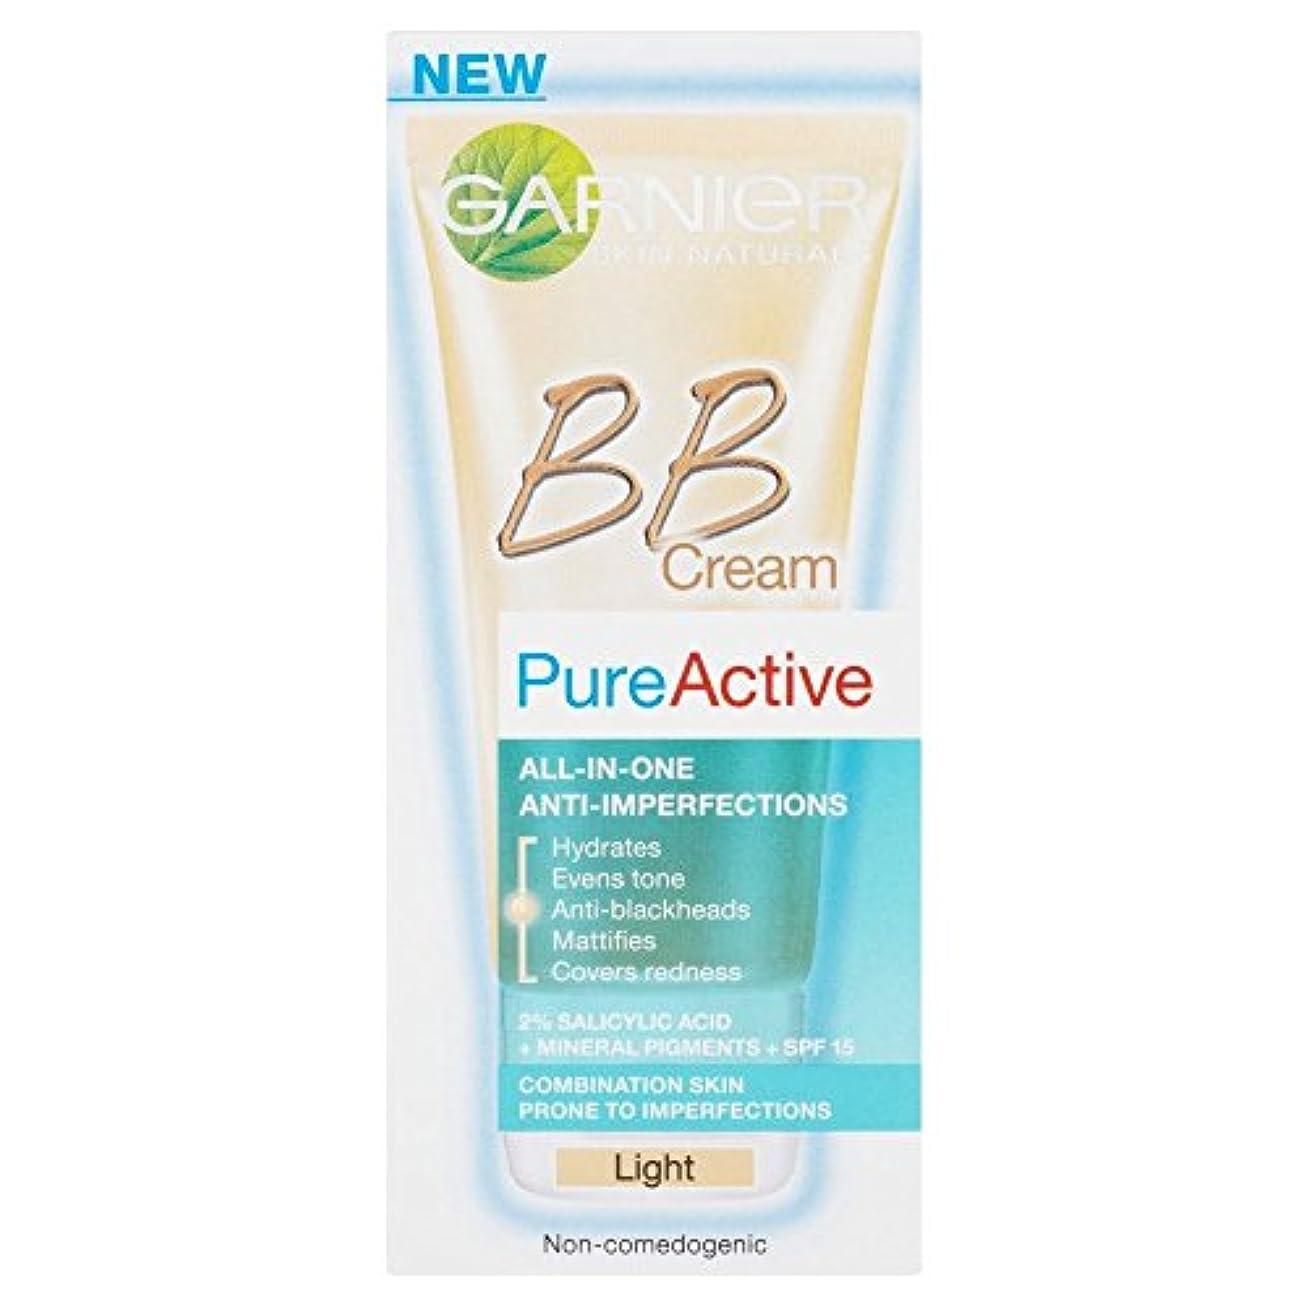 ジャンプ緊張鉄道駅Garnier Pure Active BB Cream - Light (50ml) ガルニエ純粋な活性bbクリーム - 光( 50ミリリットル) [並行輸入品]